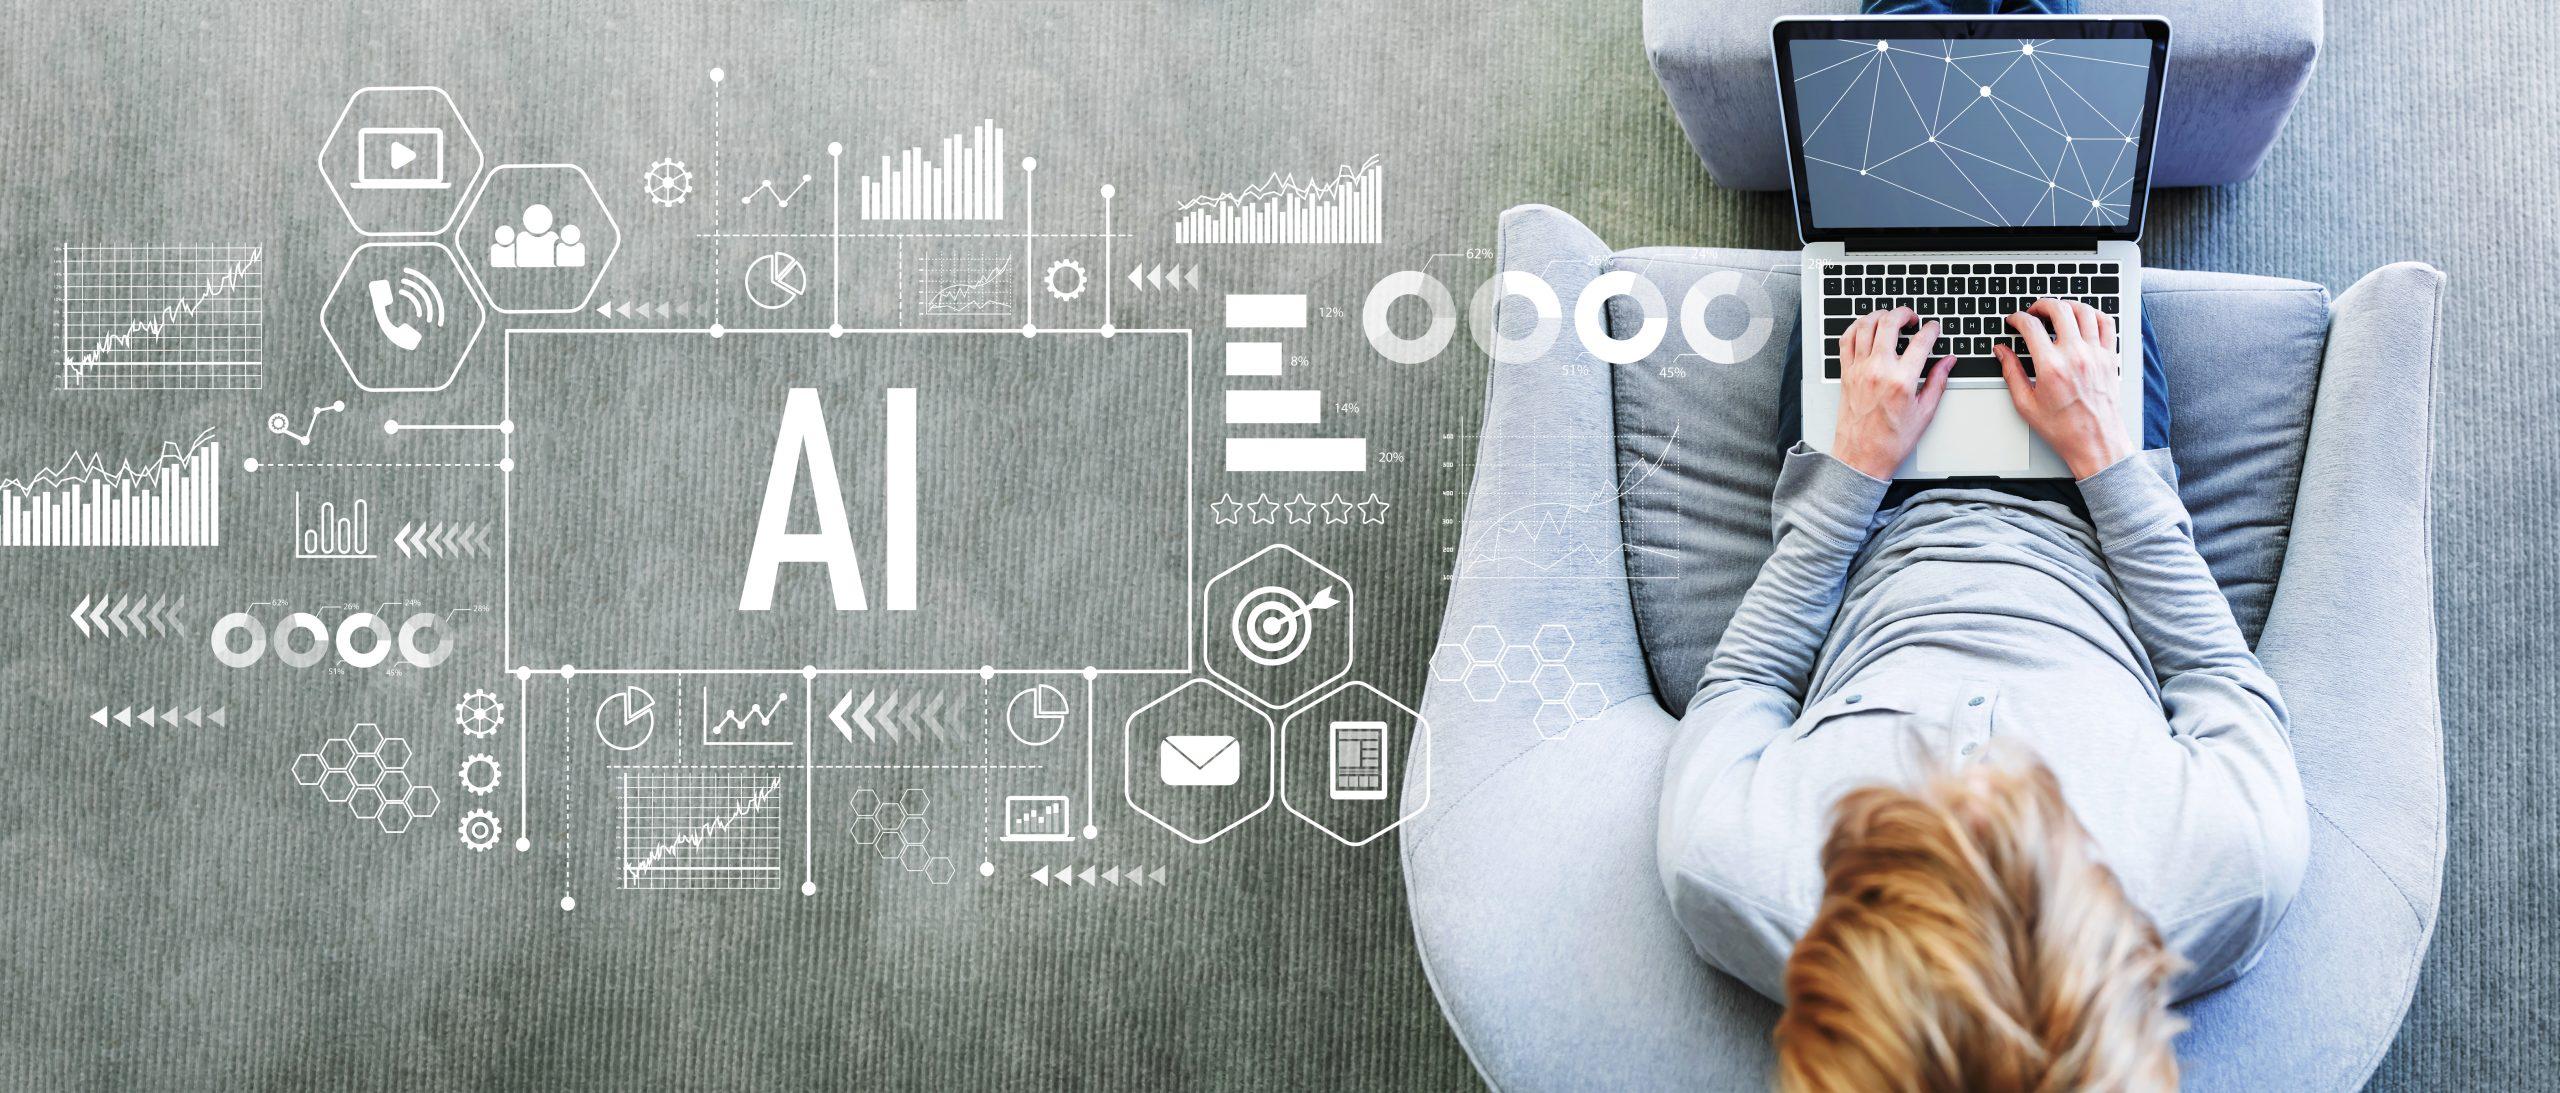 entreprise digitale et intelligence artificielle